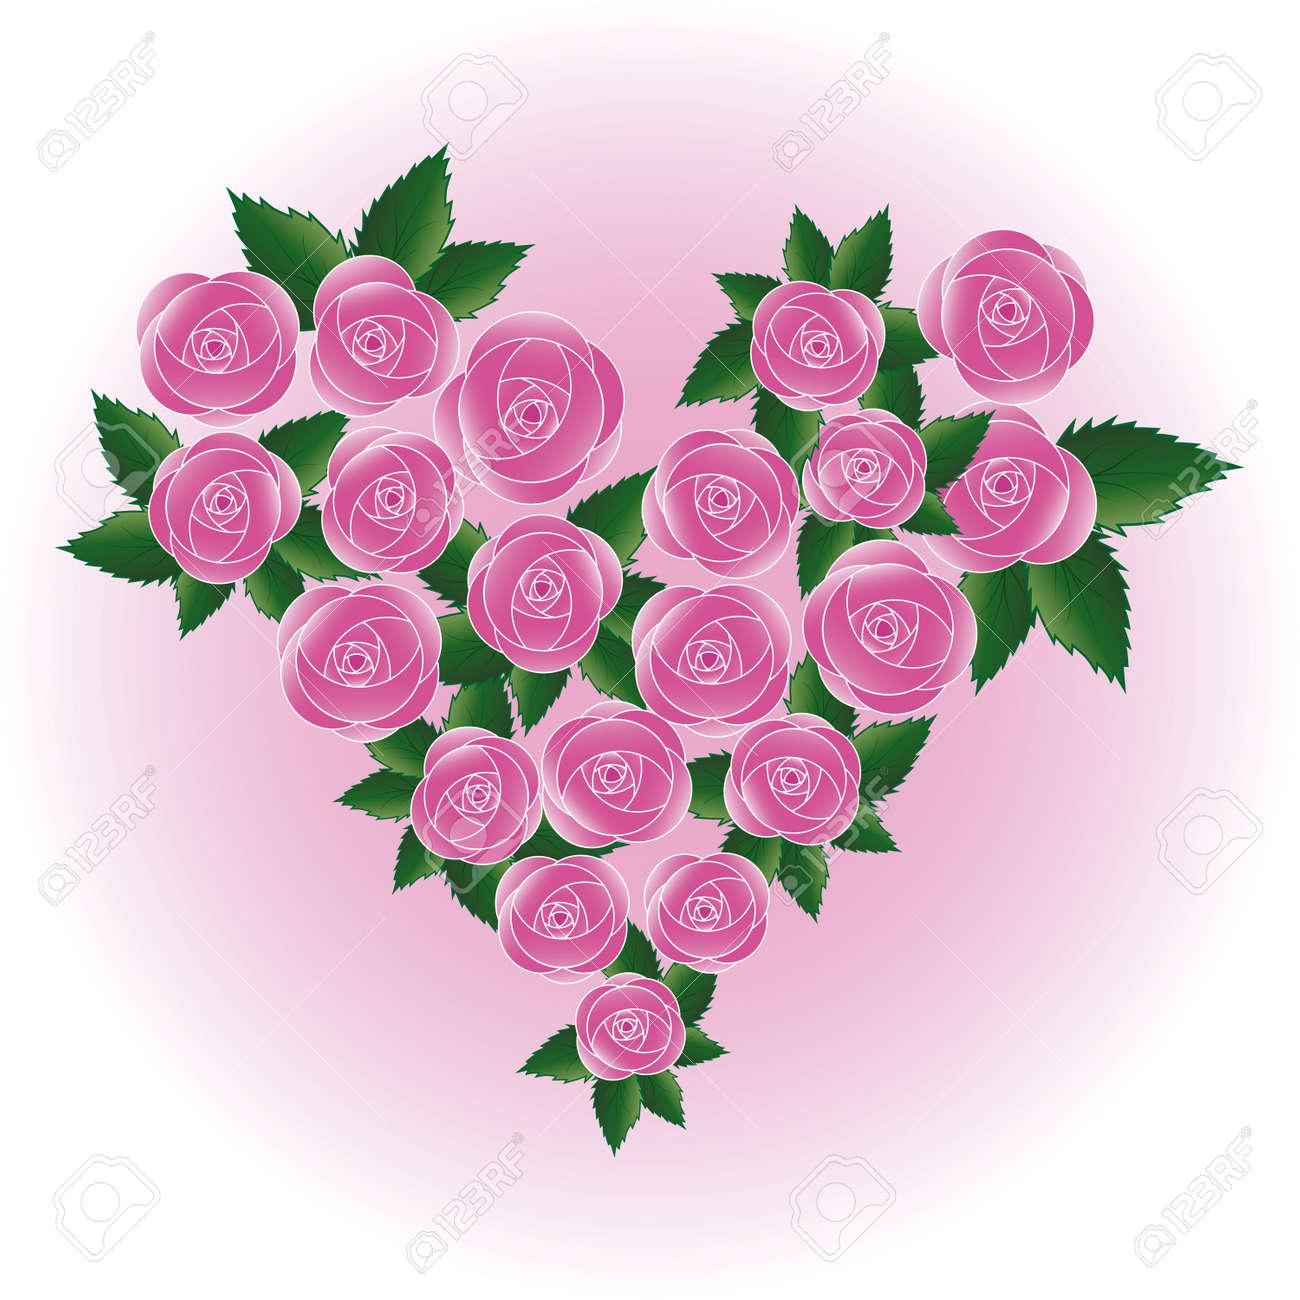 Art Vecteur Rose Coeur Fleur Fond De Mariage Element De Design